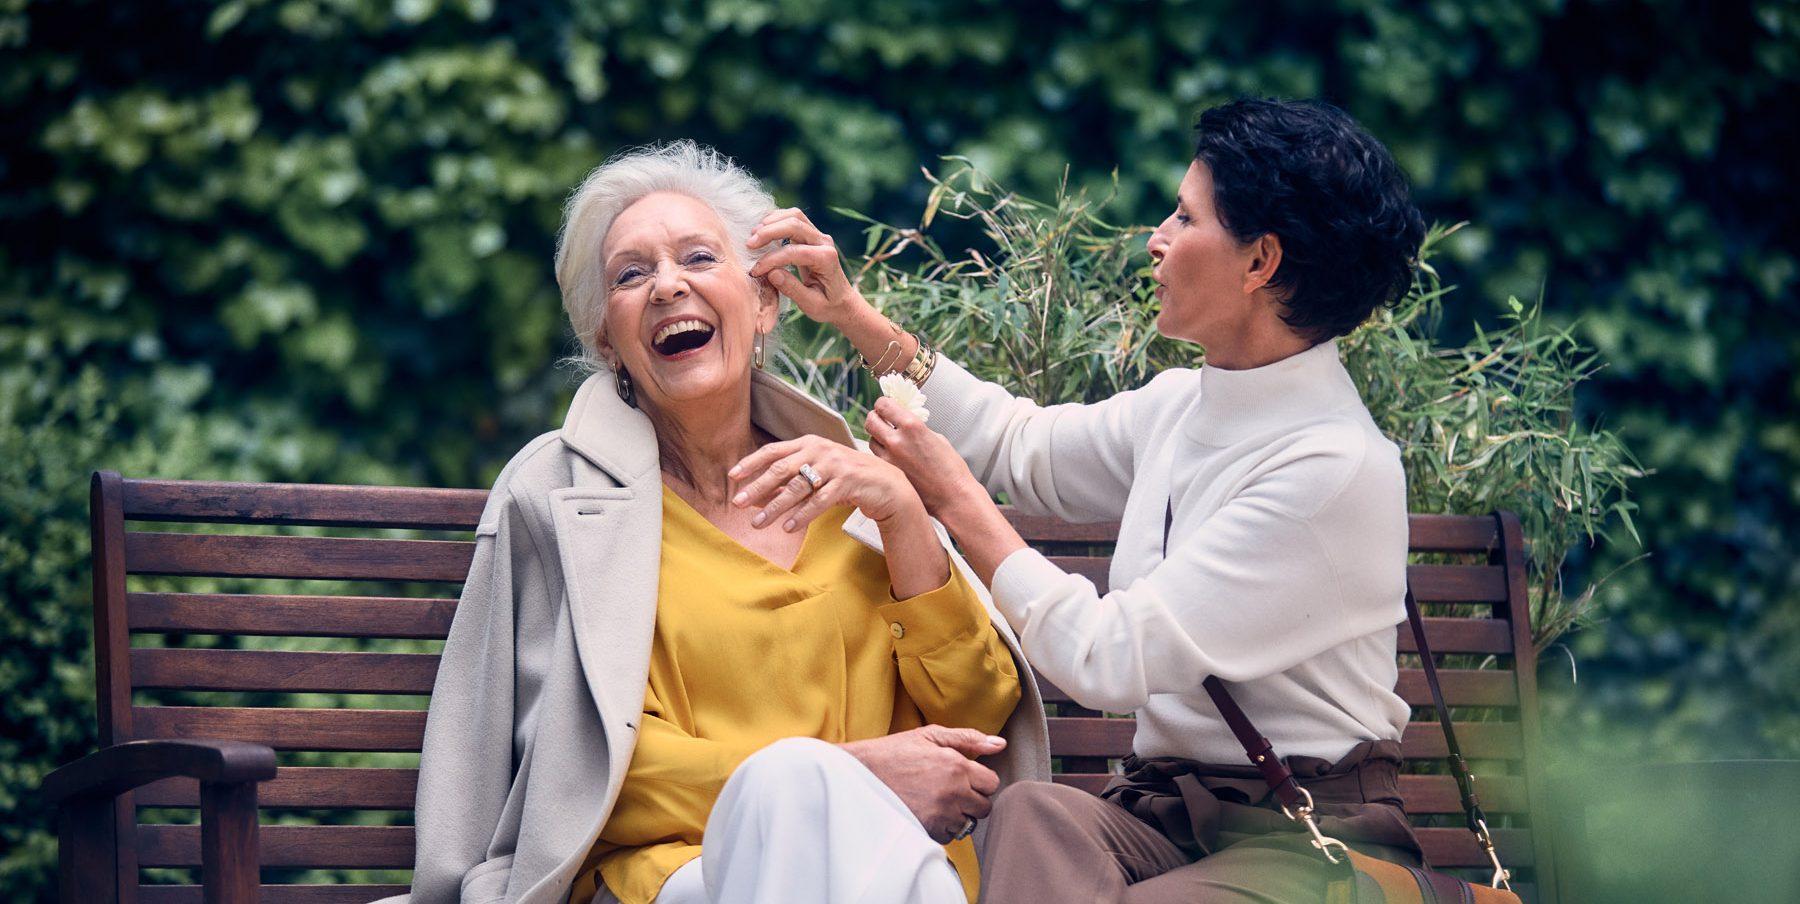 Zwei ältere Frauen die gemeinsam auf einer Parkbank sitzen und Spaß haben